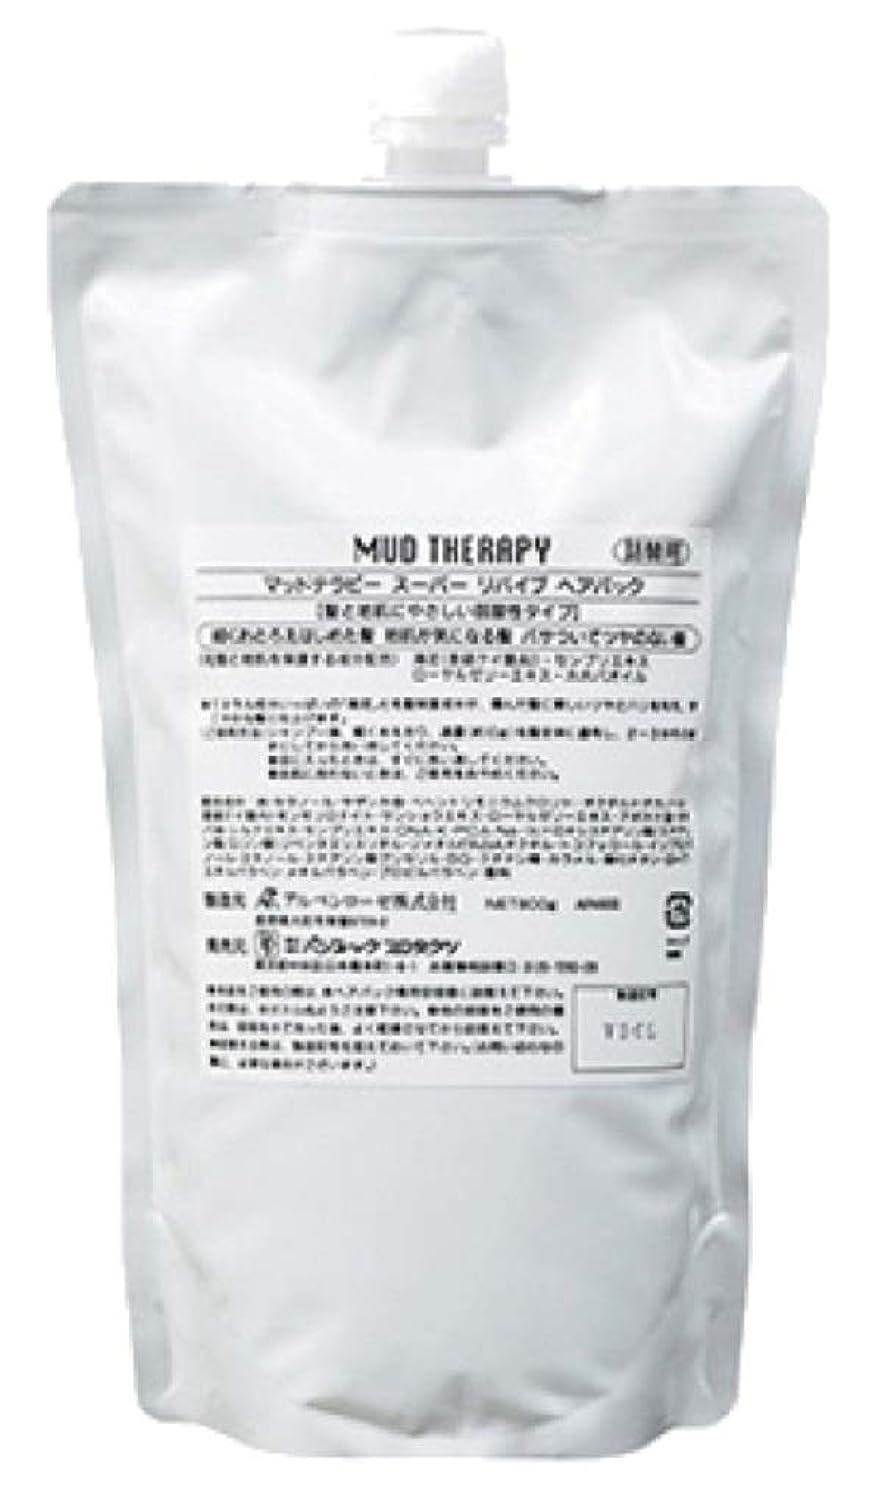 【2本セット】海泥 マッドテラピー スーパーリバイブ ヘアパック Q10 800g 詰替